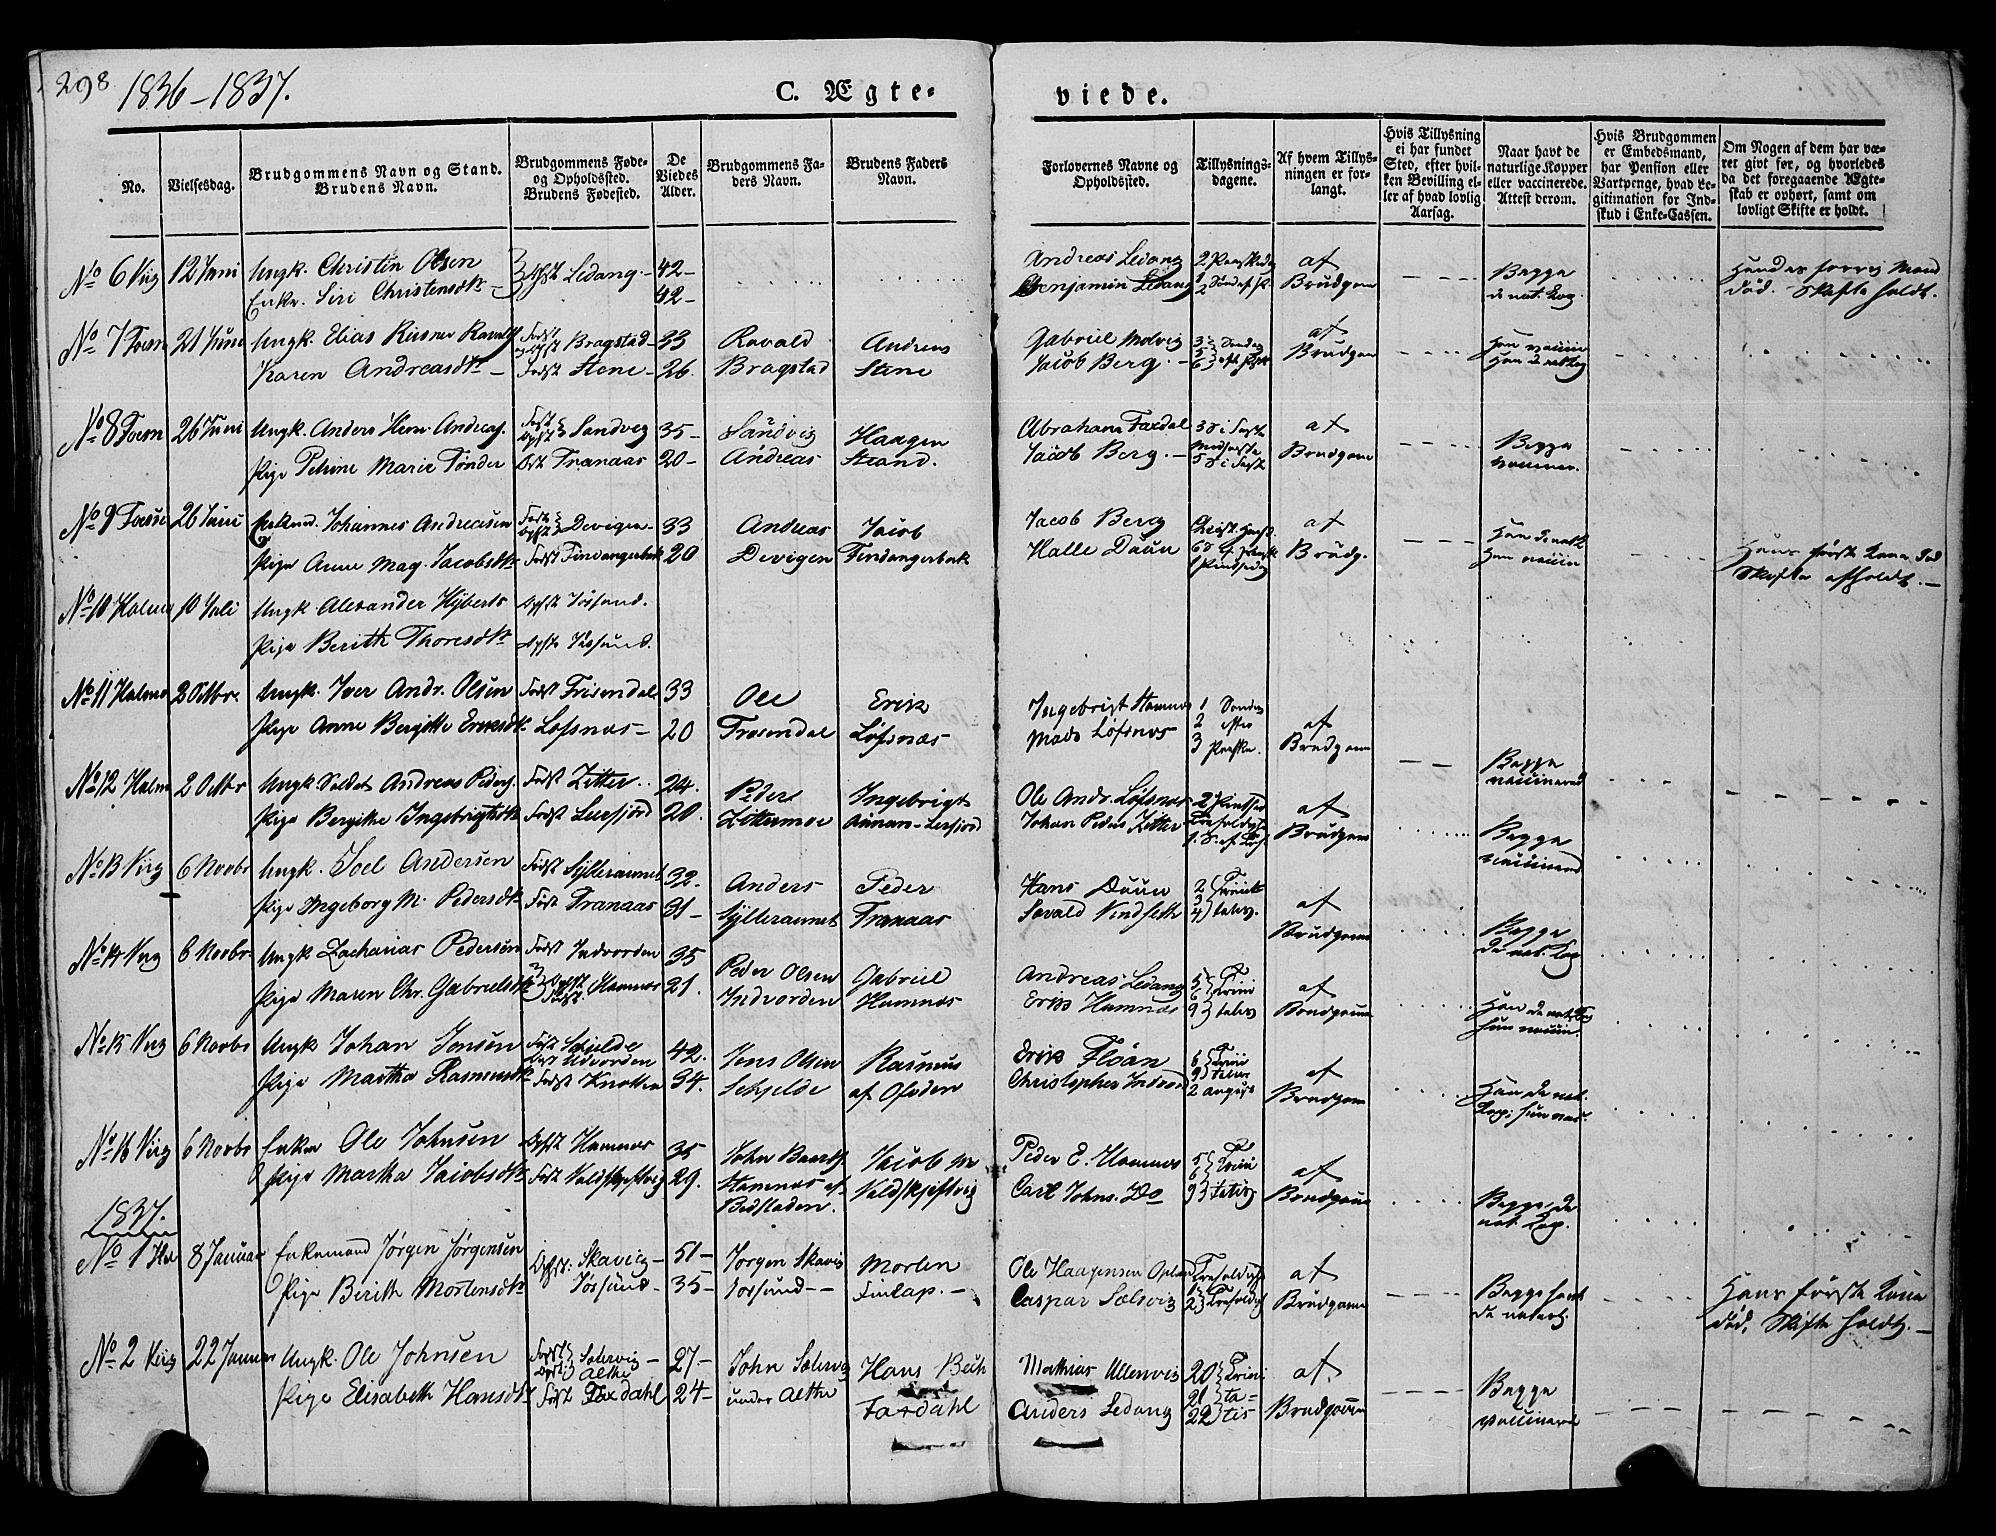 SAT, Ministerialprotokoller, klokkerbøker og fødselsregistre - Nord-Trøndelag, 773/L0614: Ministerialbok nr. 773A05, 1831-1856, s. 298